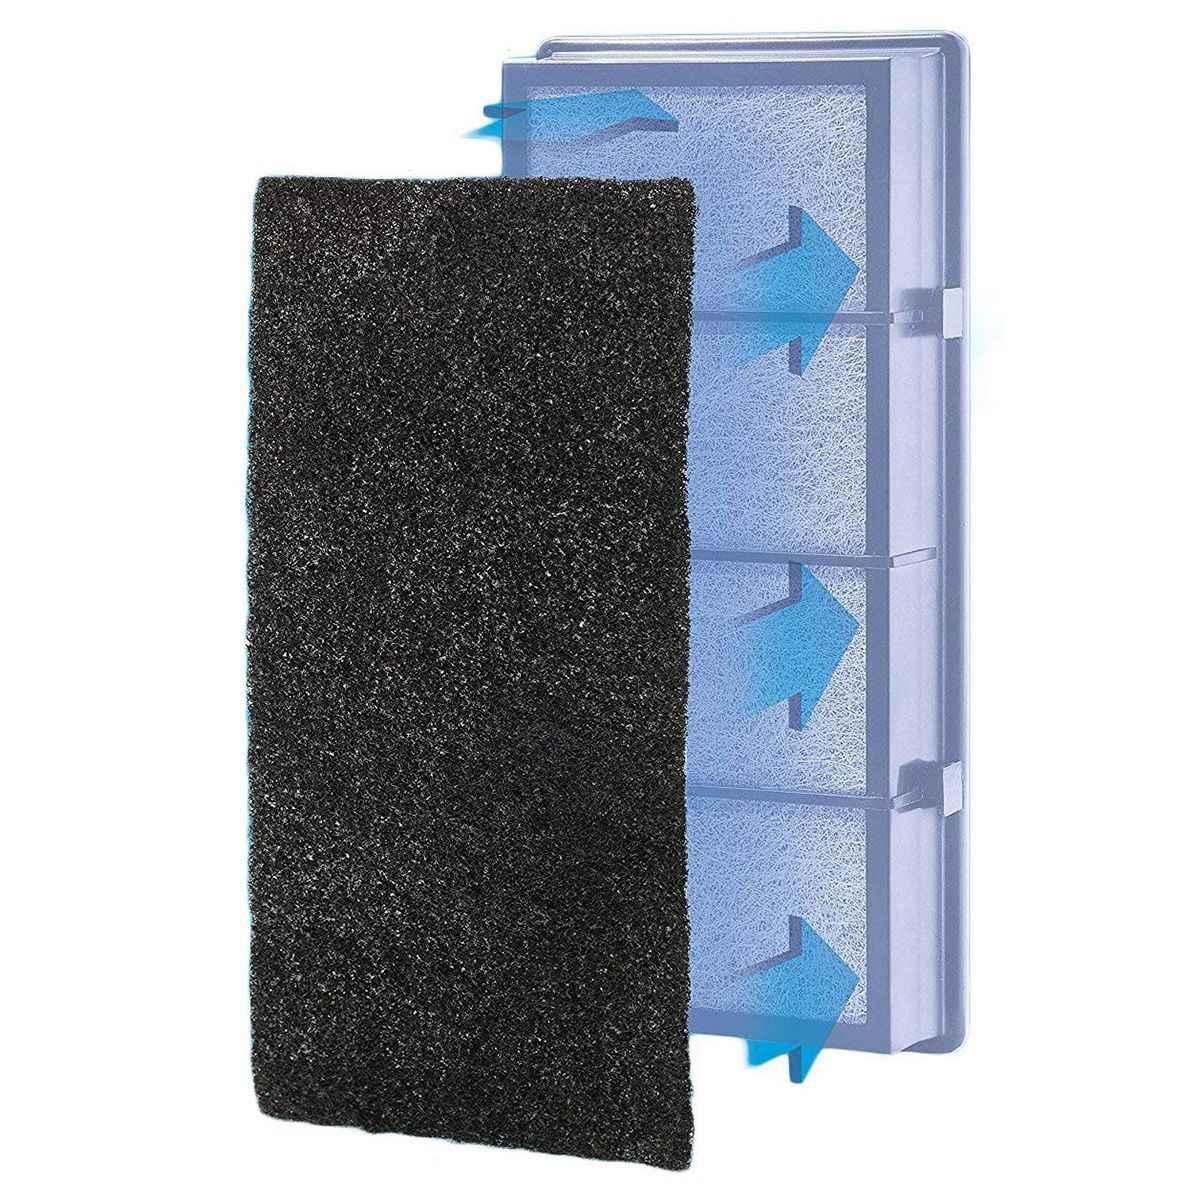 Nowy gorący 4 wymiana węgla filtr wspomagający dla Holmes całkowity oczyszczacz powietrza seria Aer1 HAP242-NUC I filtr AOR31